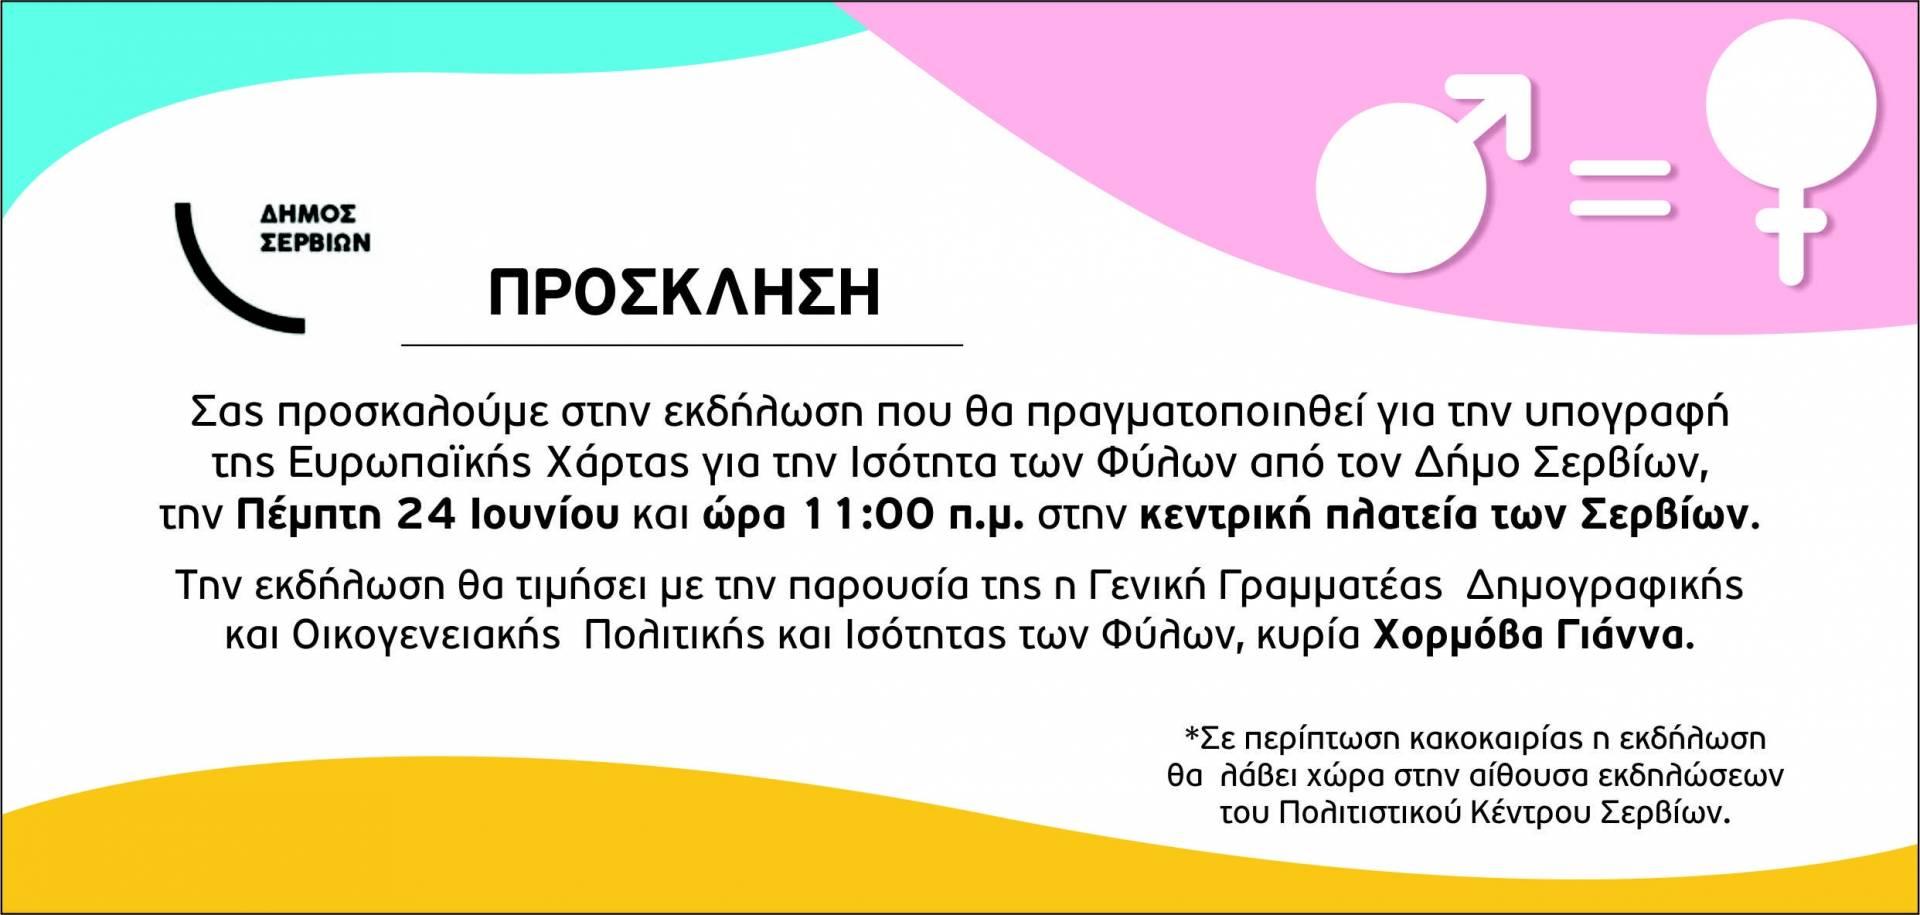 Εκδήλωση για την Ισότητα των Φύλων από τον Δήμο Σερβίων, την Πέμπτη 24 Ιουνίου